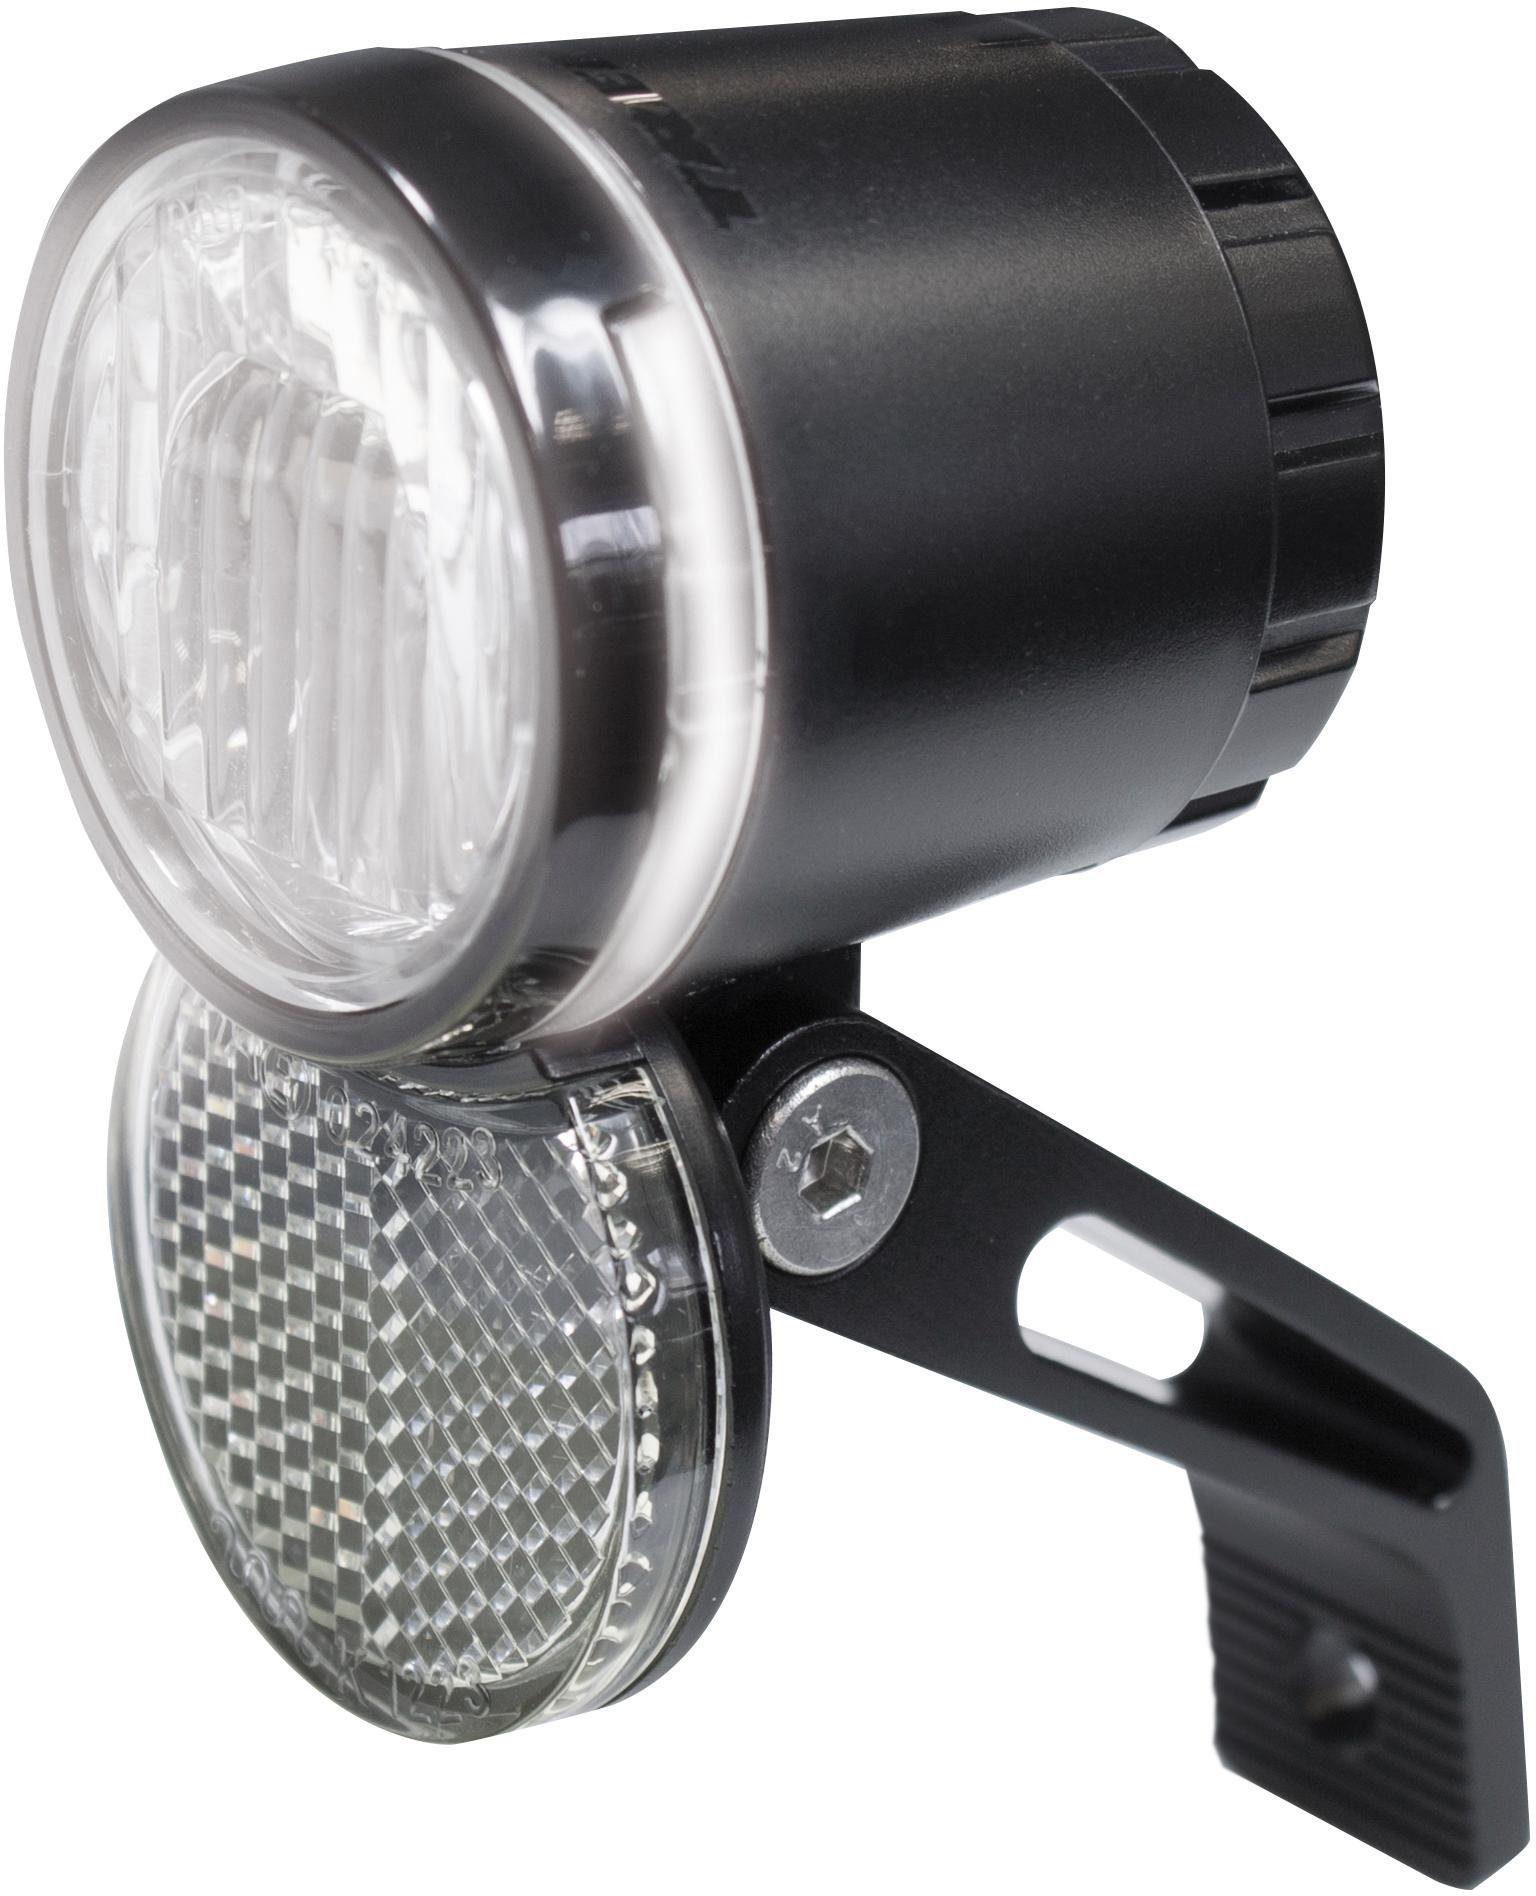 Trelock Frontlicht »LS 230 Bike-I VEO 20 LUX«, inkl. Halter